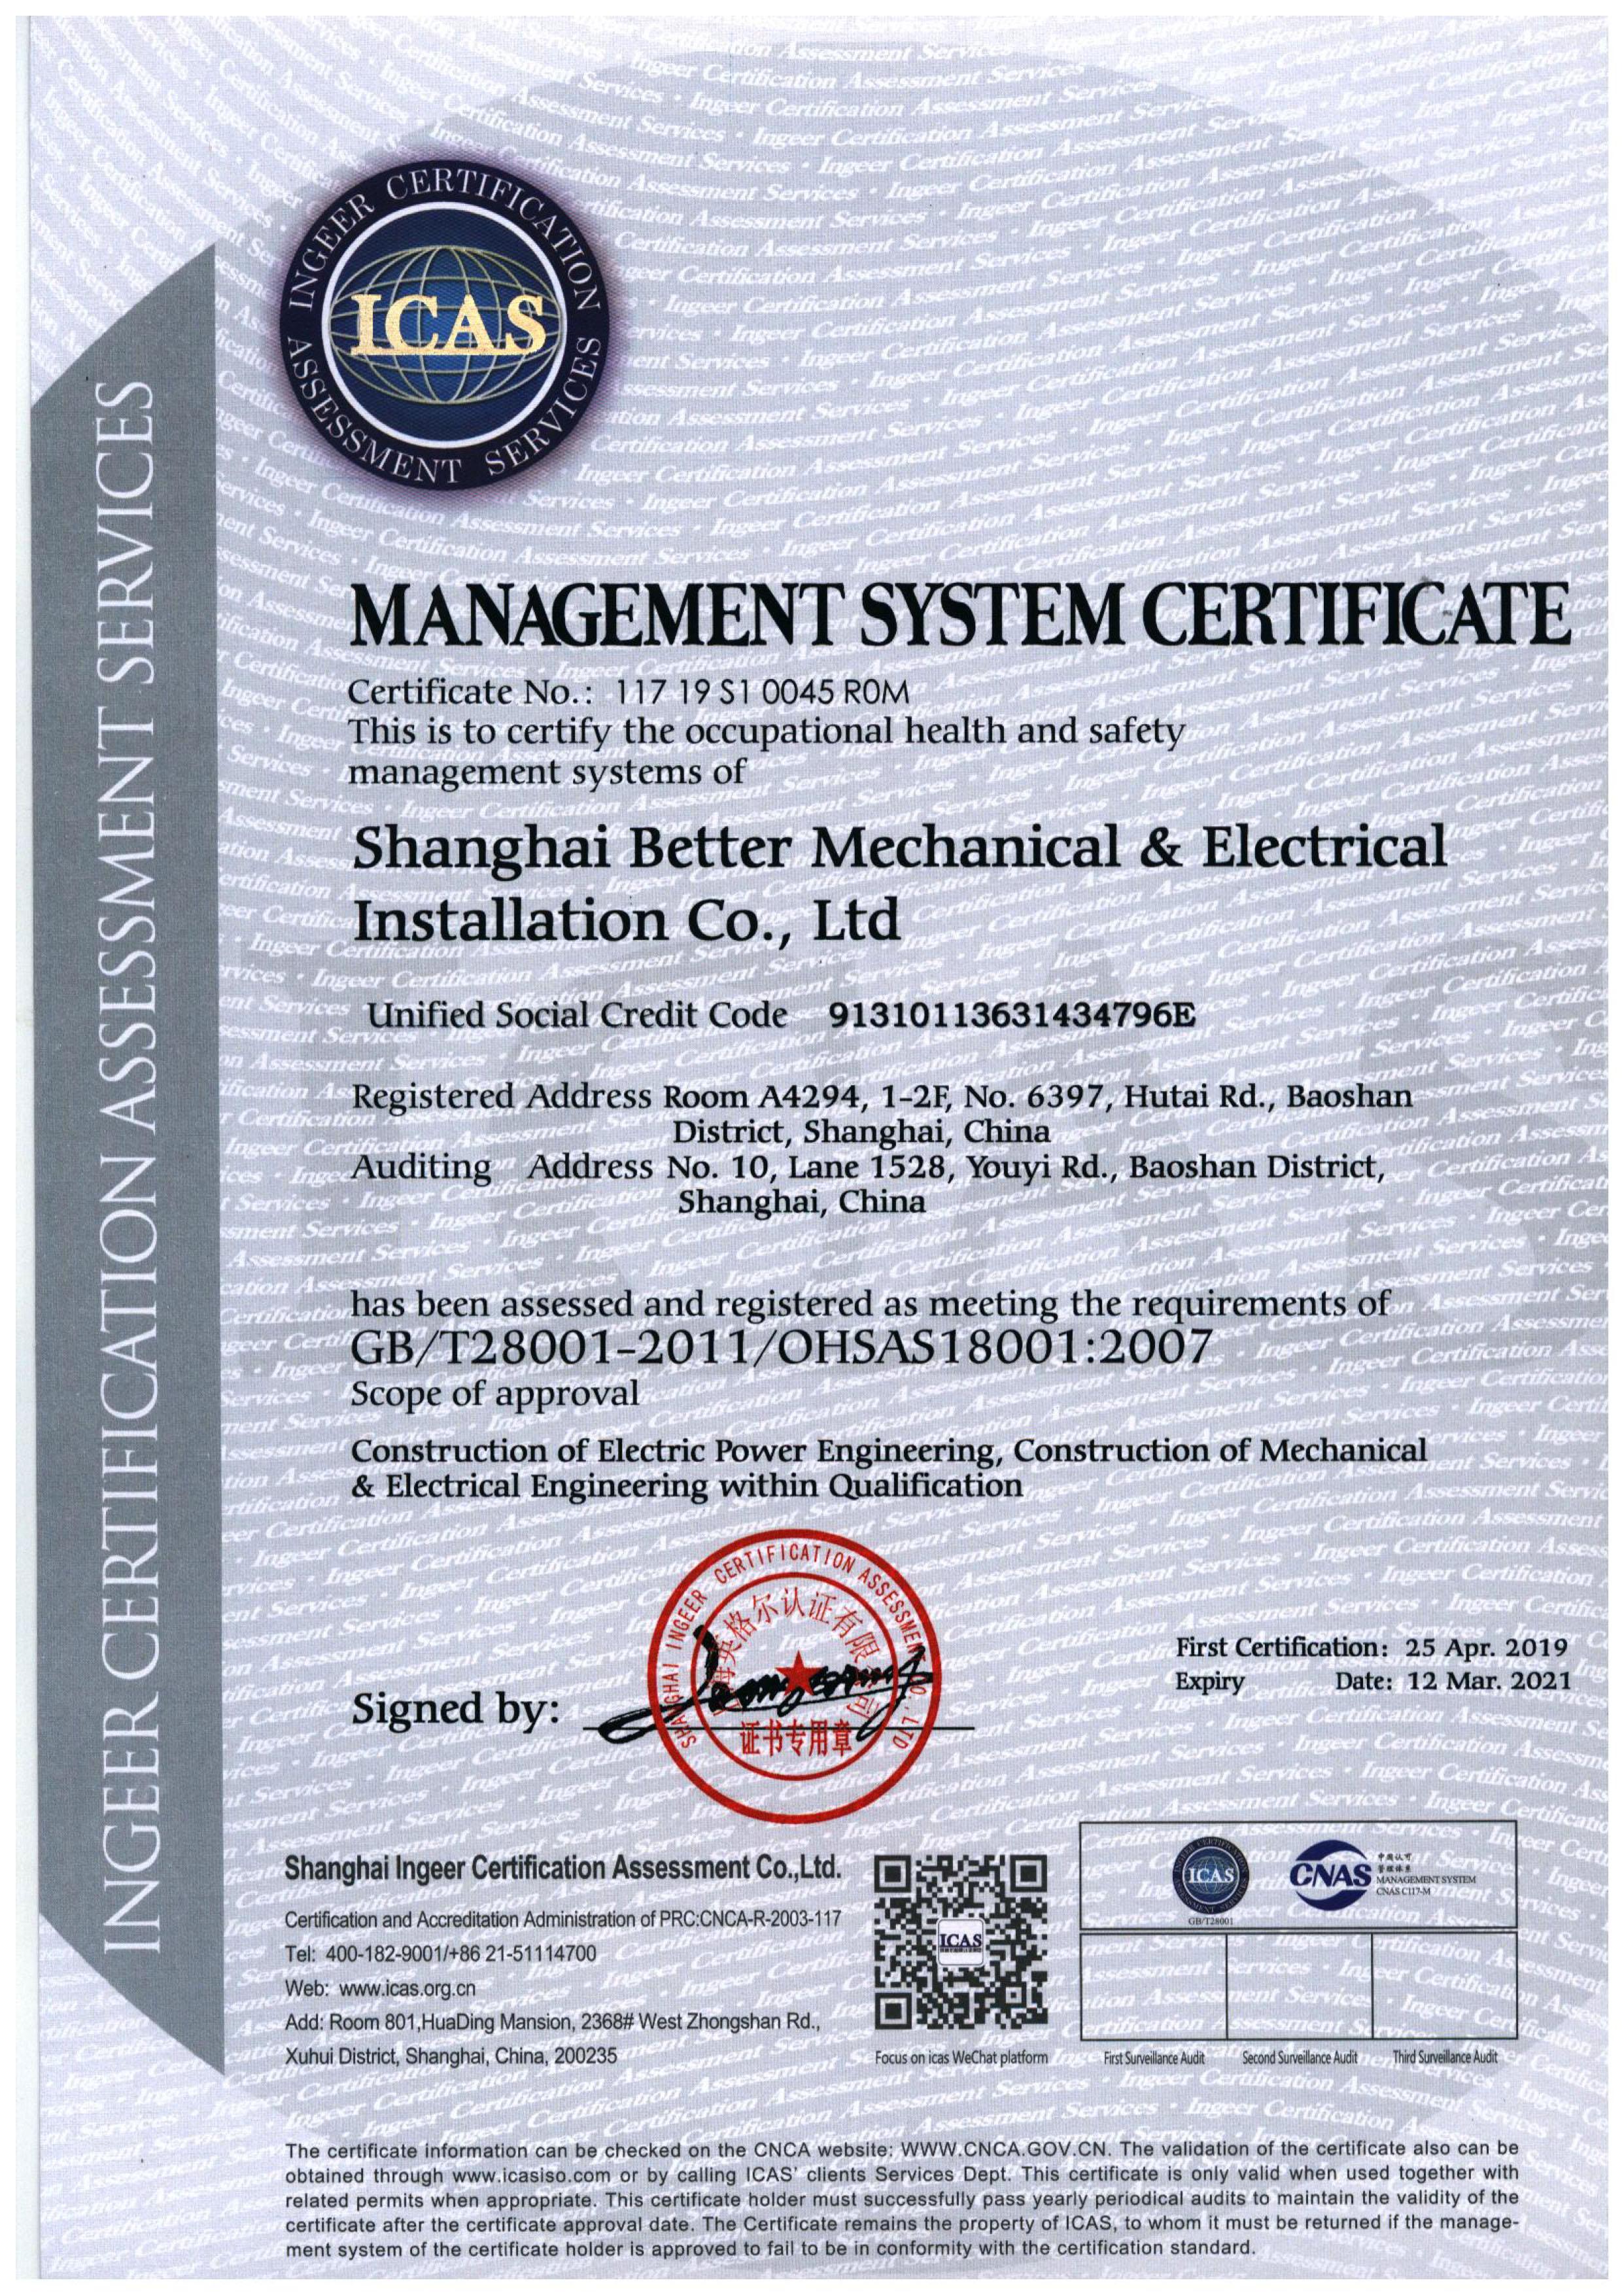 管理体系证书-职业健康安全-2